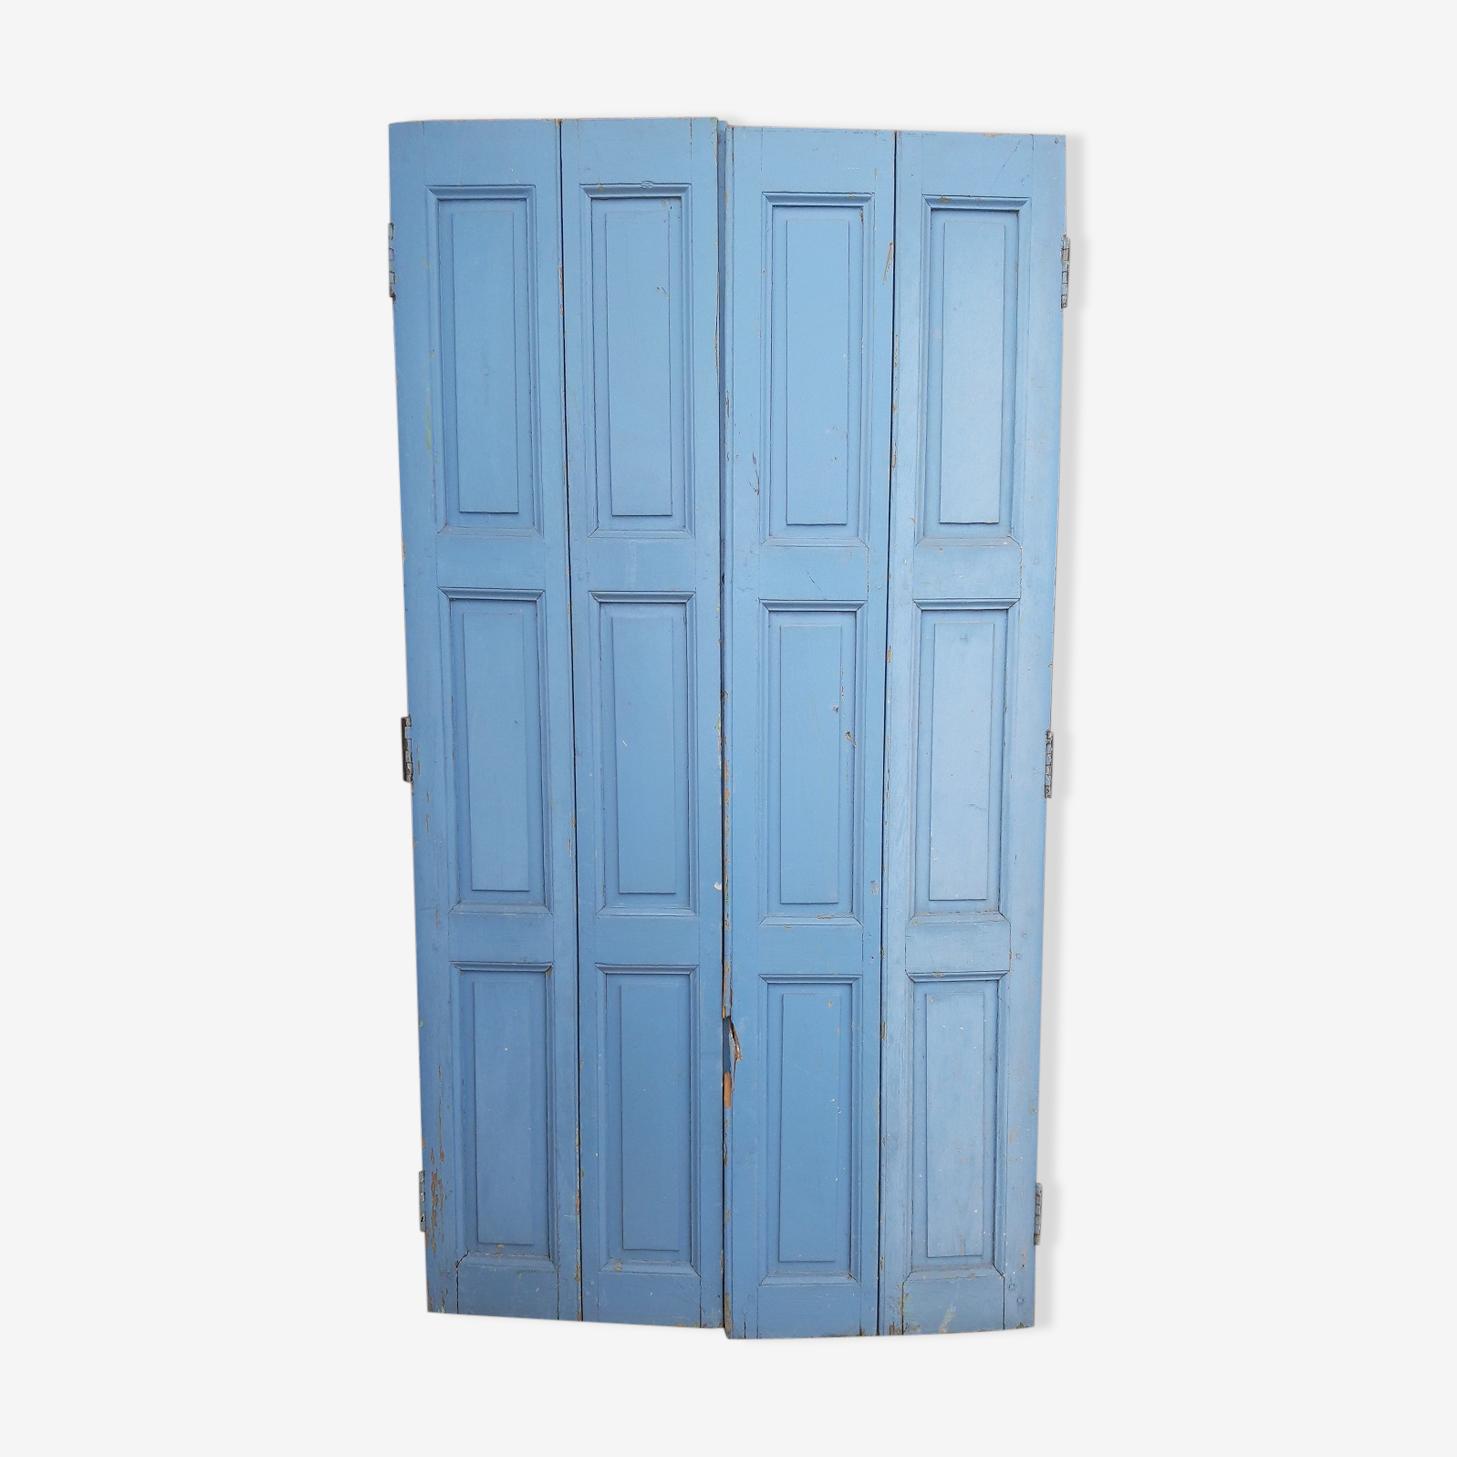 Ensemble de 4 volets portes boiseries bois peint 1930/40